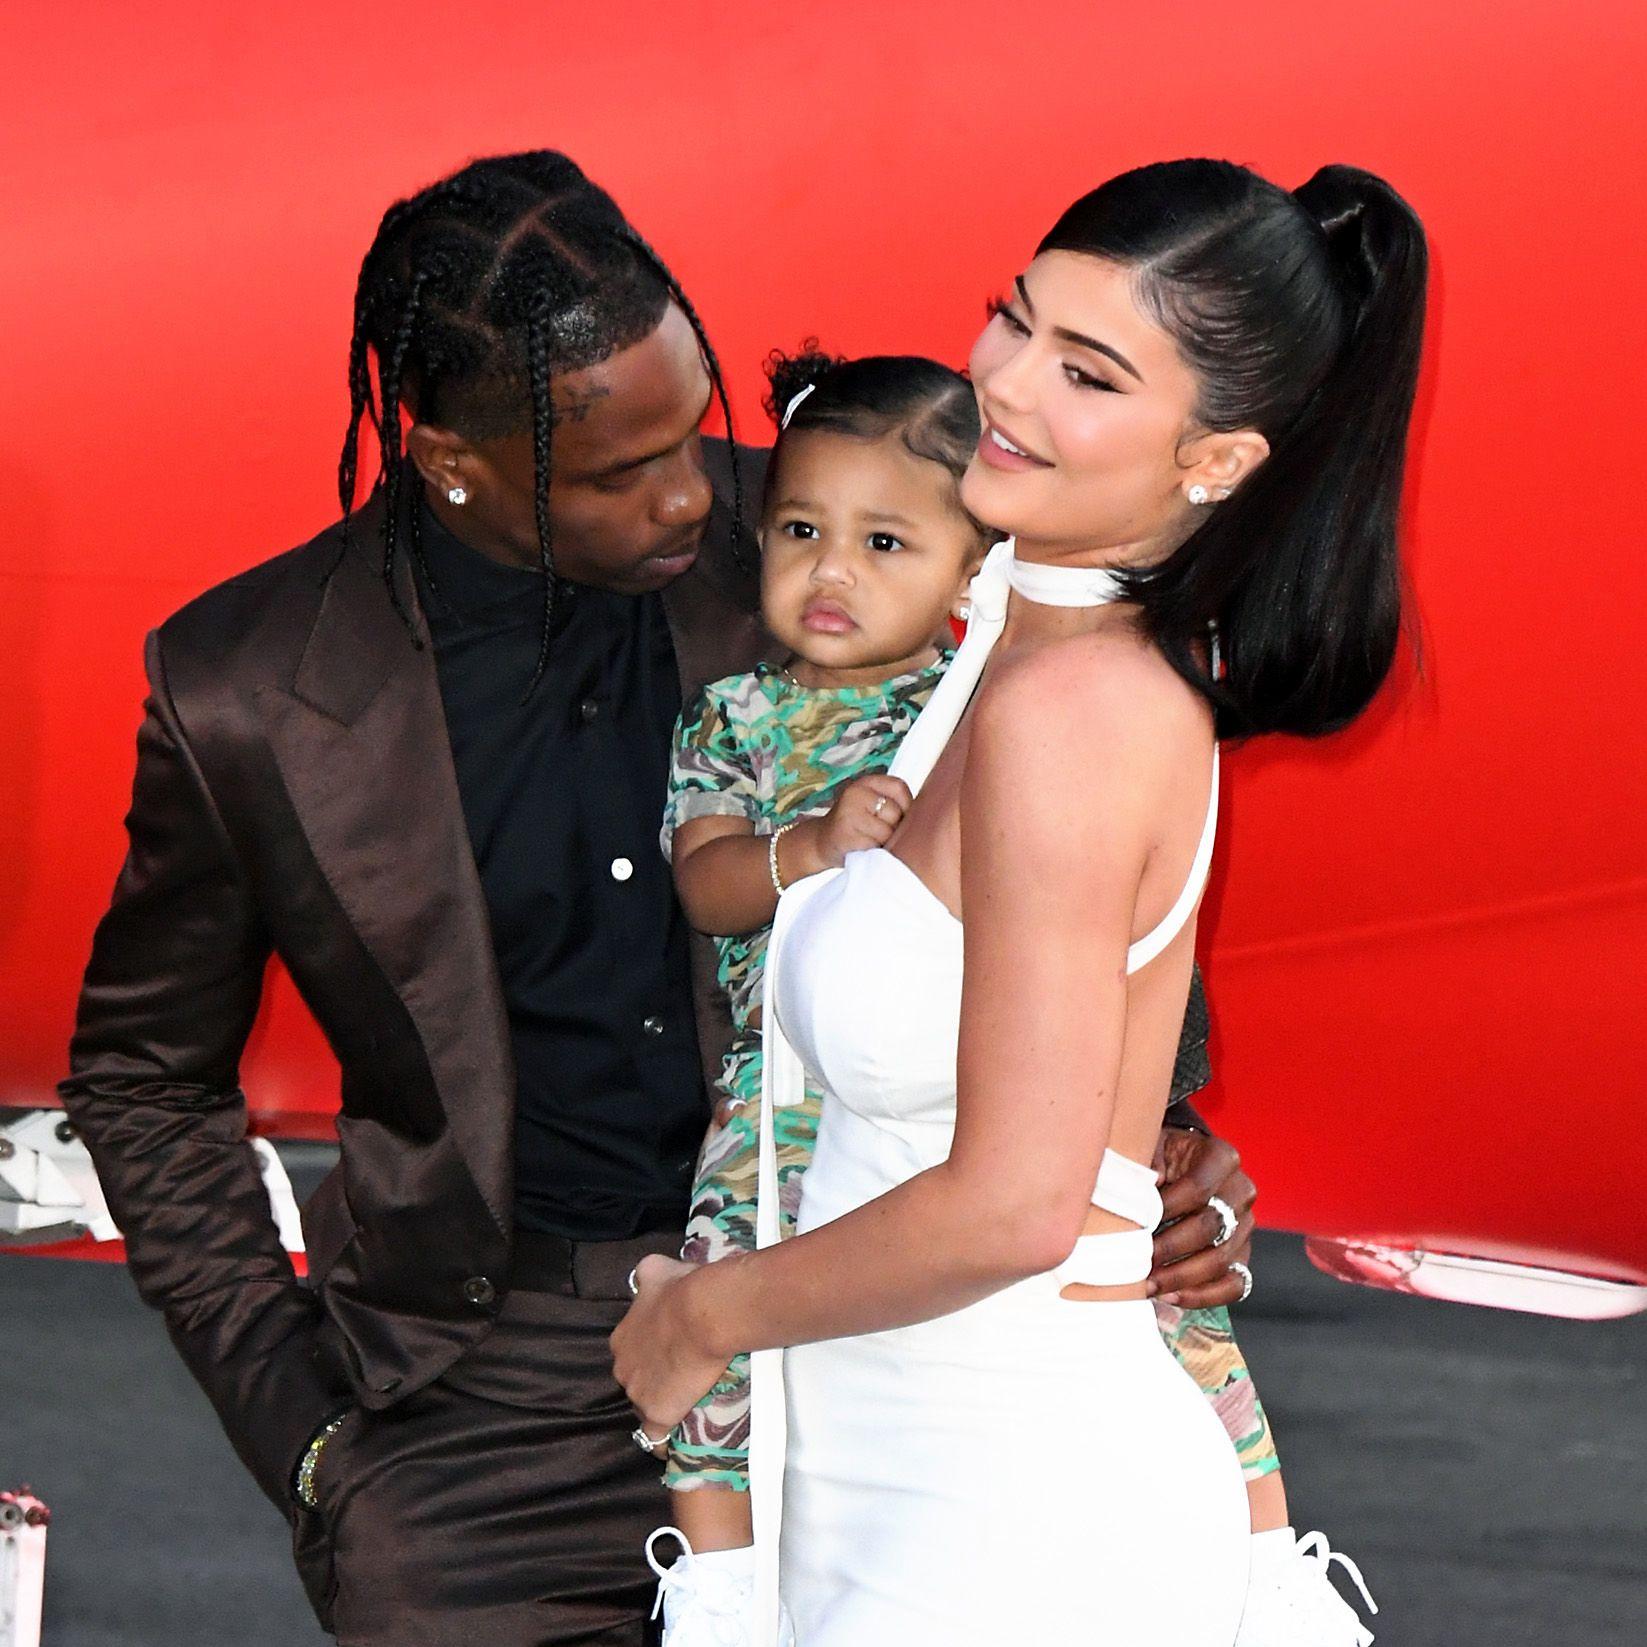 How Kylie Jenner, Travis Scott Will Split Custody of Stormi on Break